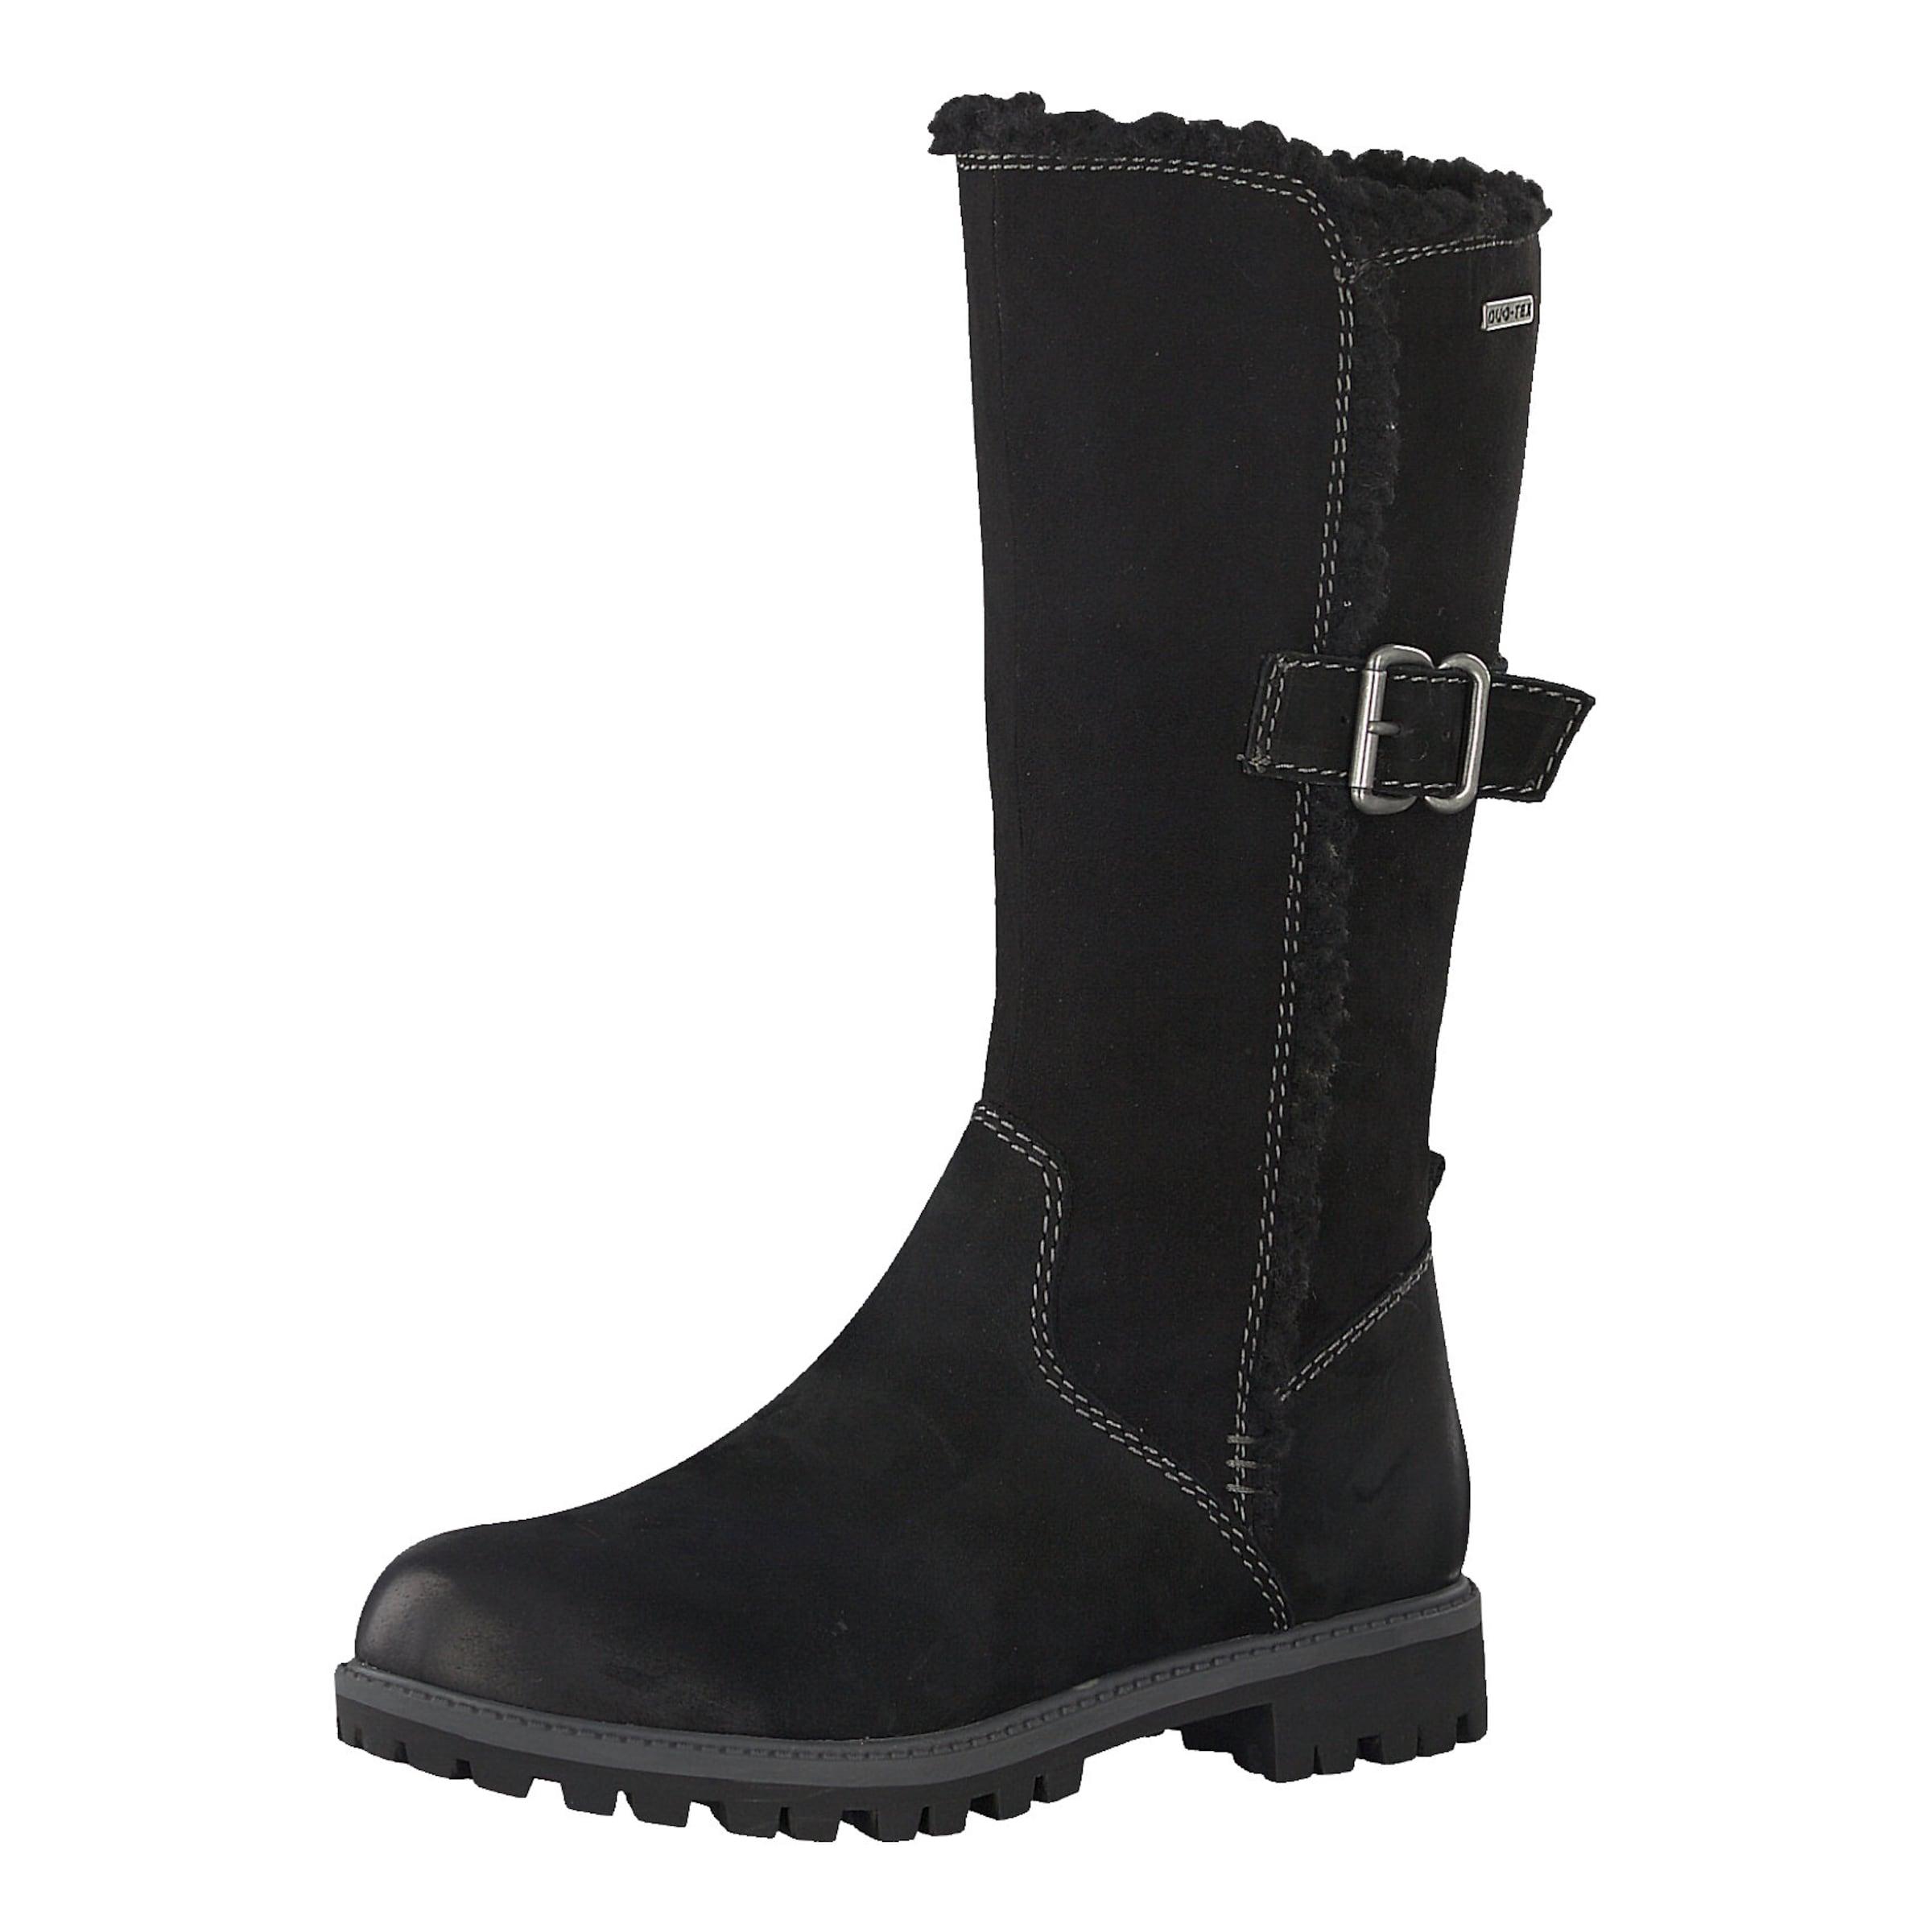 TAMARIS Stiefel billige Verschleißfeste billige Stiefel Schuhe Hohe Qualität 9c5f85